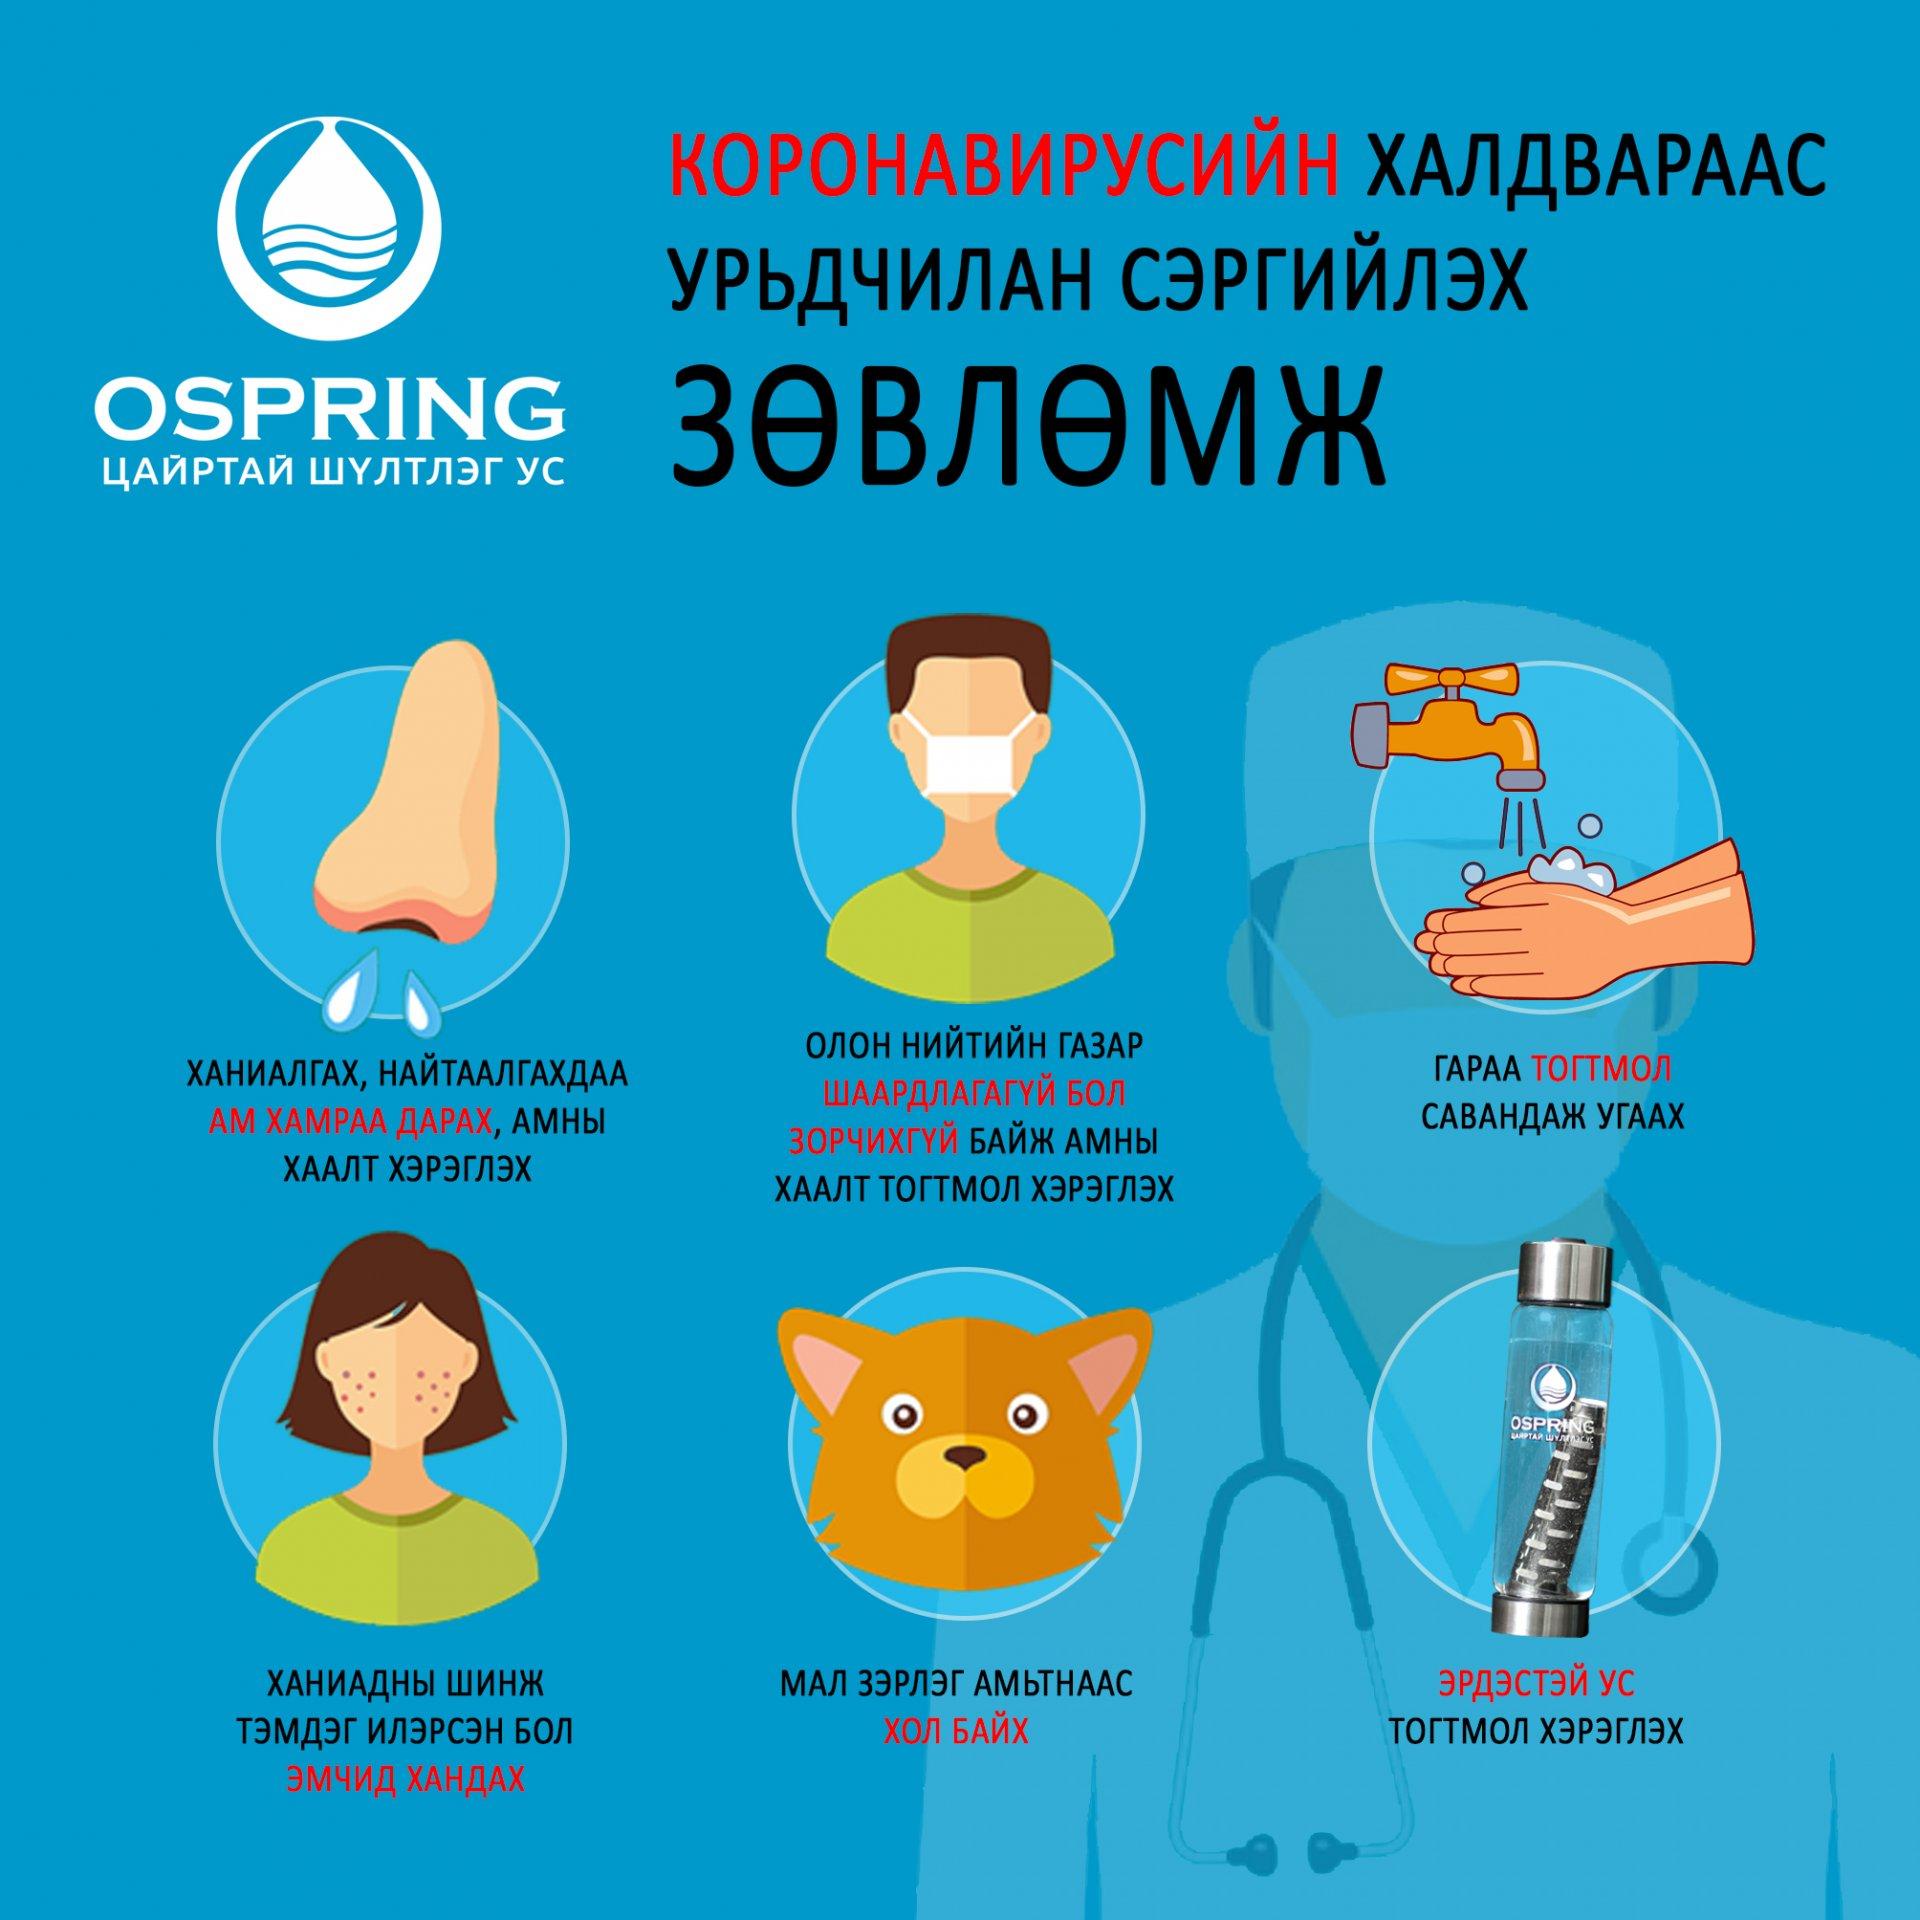 Коронавирусийн халдвараас урьдчилан сэргийлье!